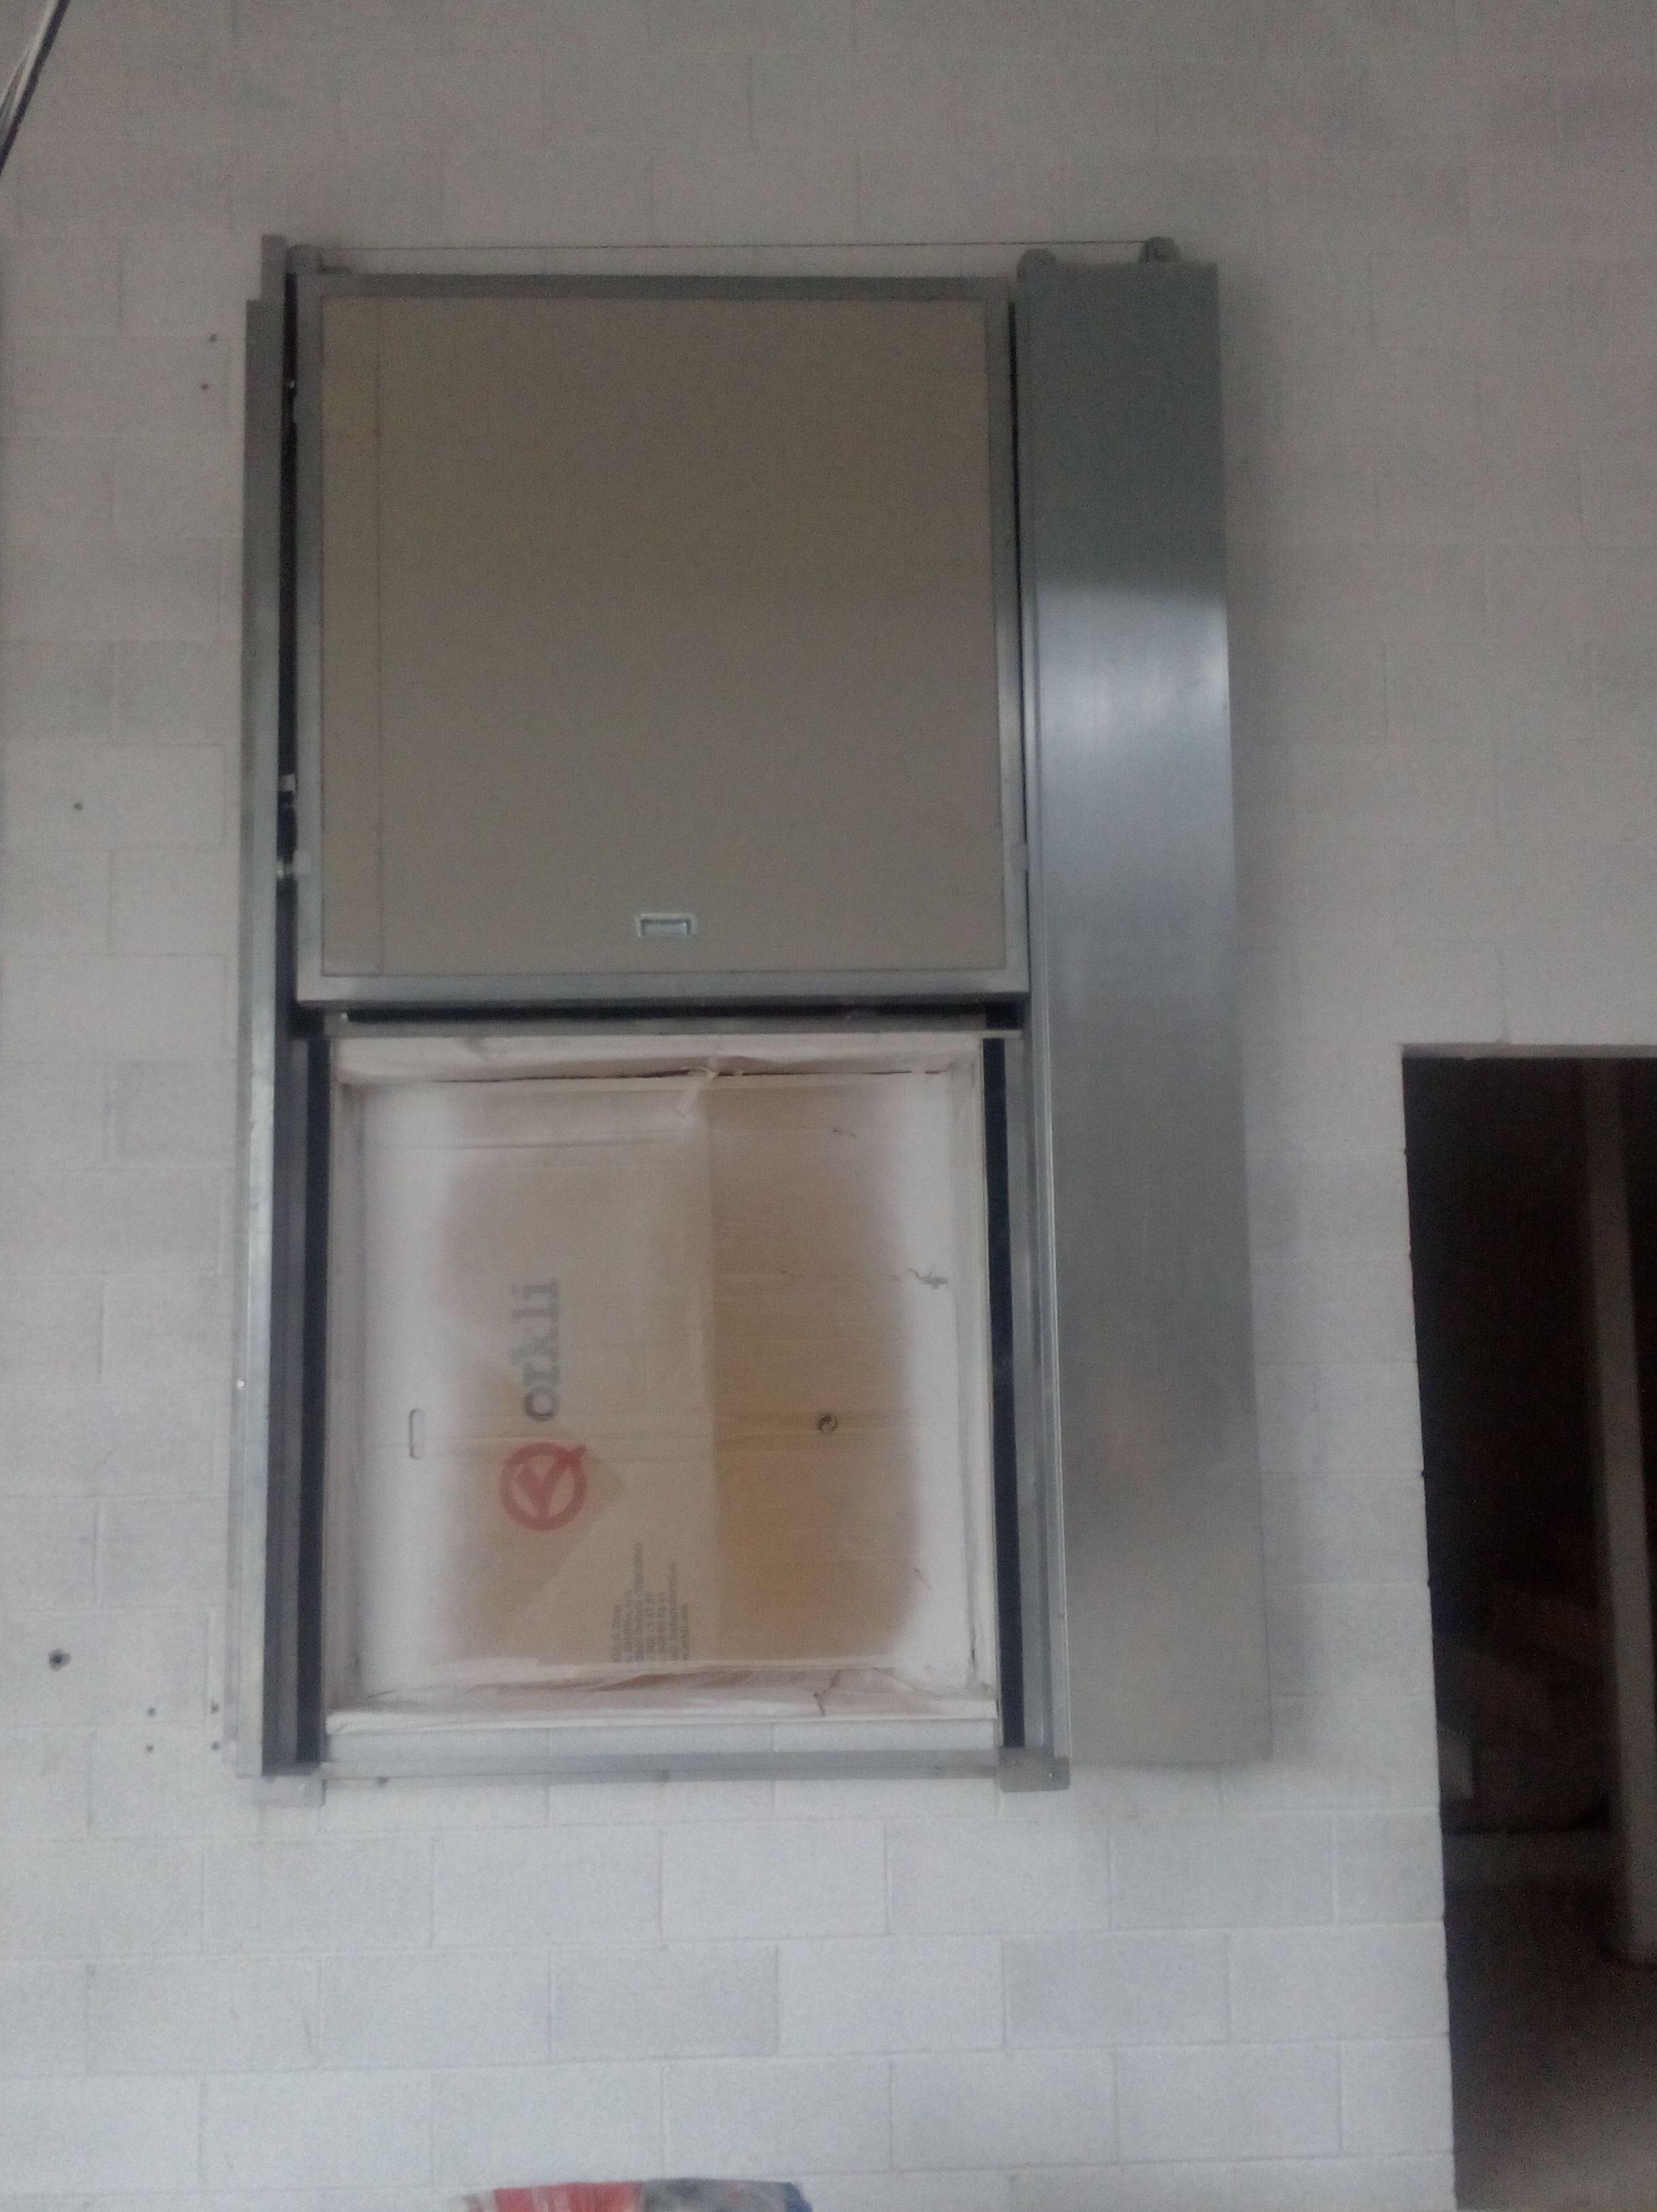 Puerta cortafuegos guillotina vertical , certificada con resistencia al fuego 90 minutos